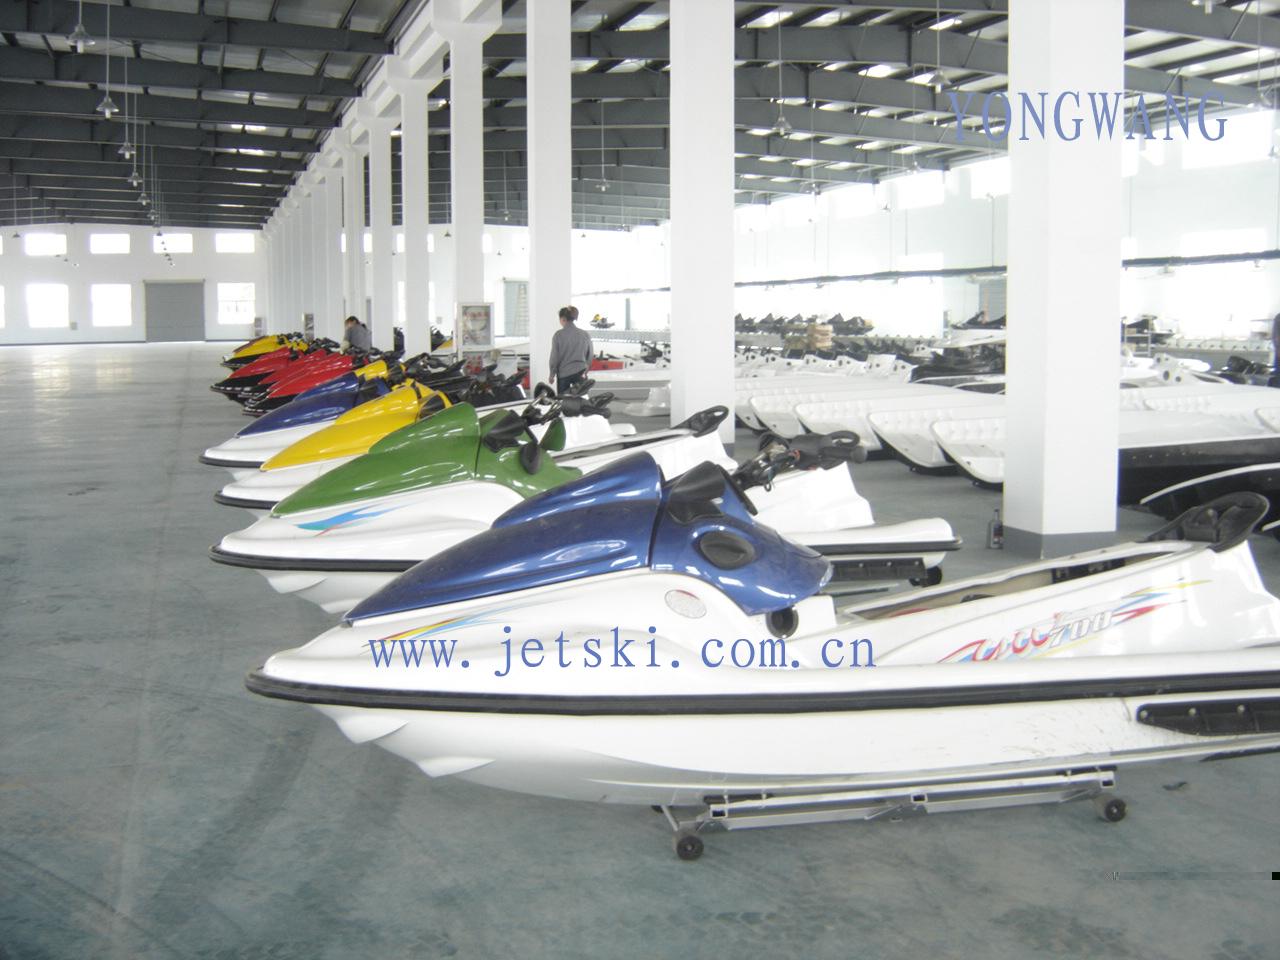 jetski of Ningbo Yongwang